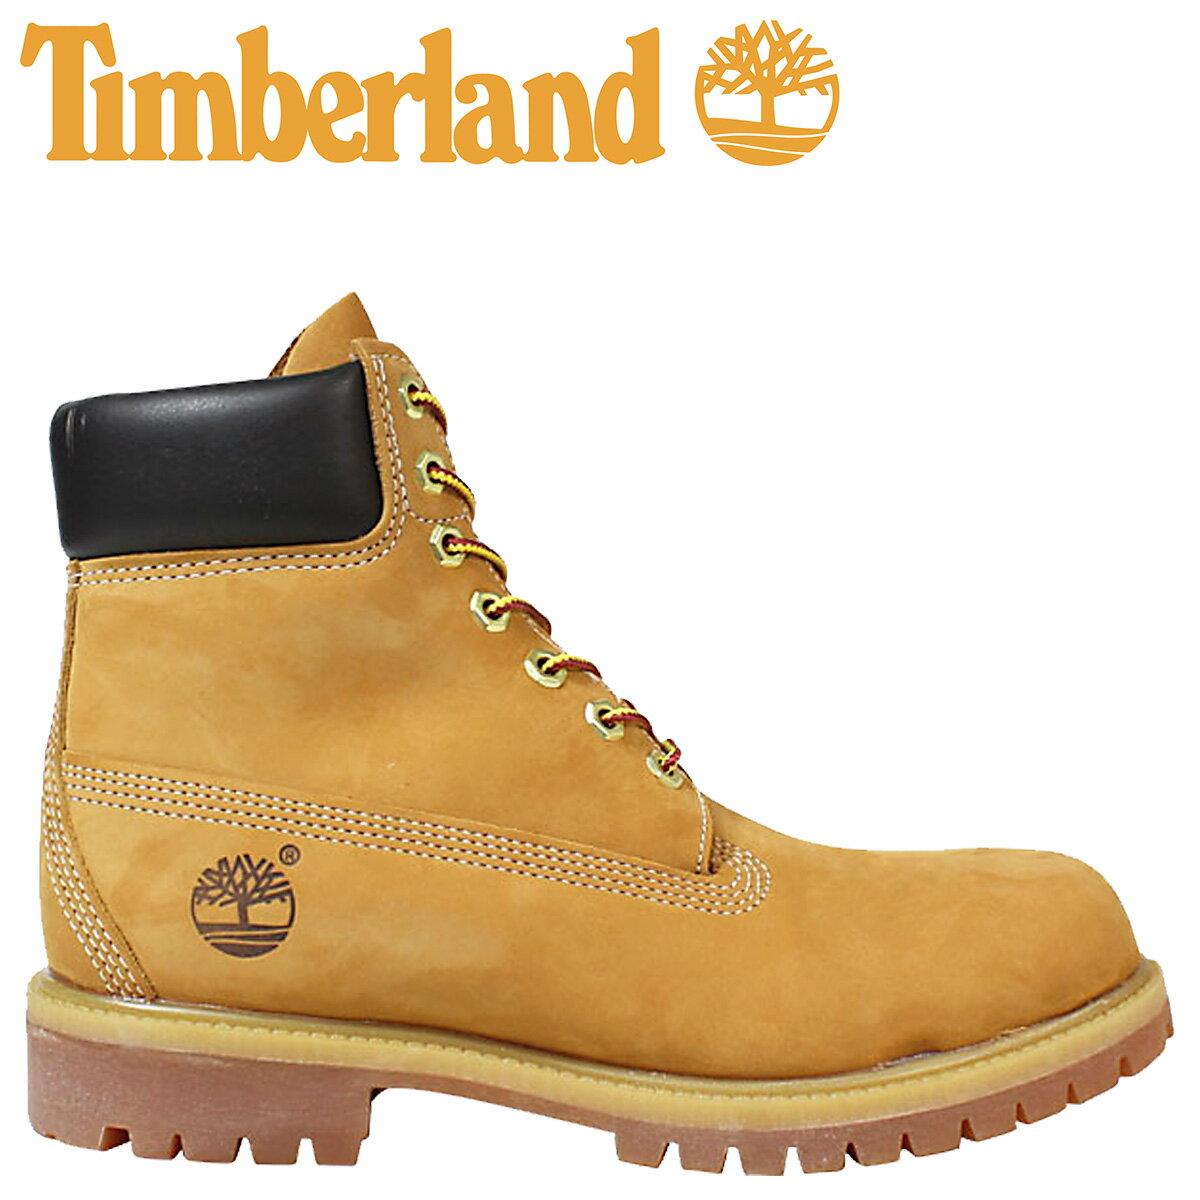 Timberland ブーツ メンズ 6インチ ティンバーランド 6INCH PREMIUM WATERPROOF BOOTS 10061 プレミアム ウォータープルーフ [予約商品 1/25頃入荷予定 追加入荷]